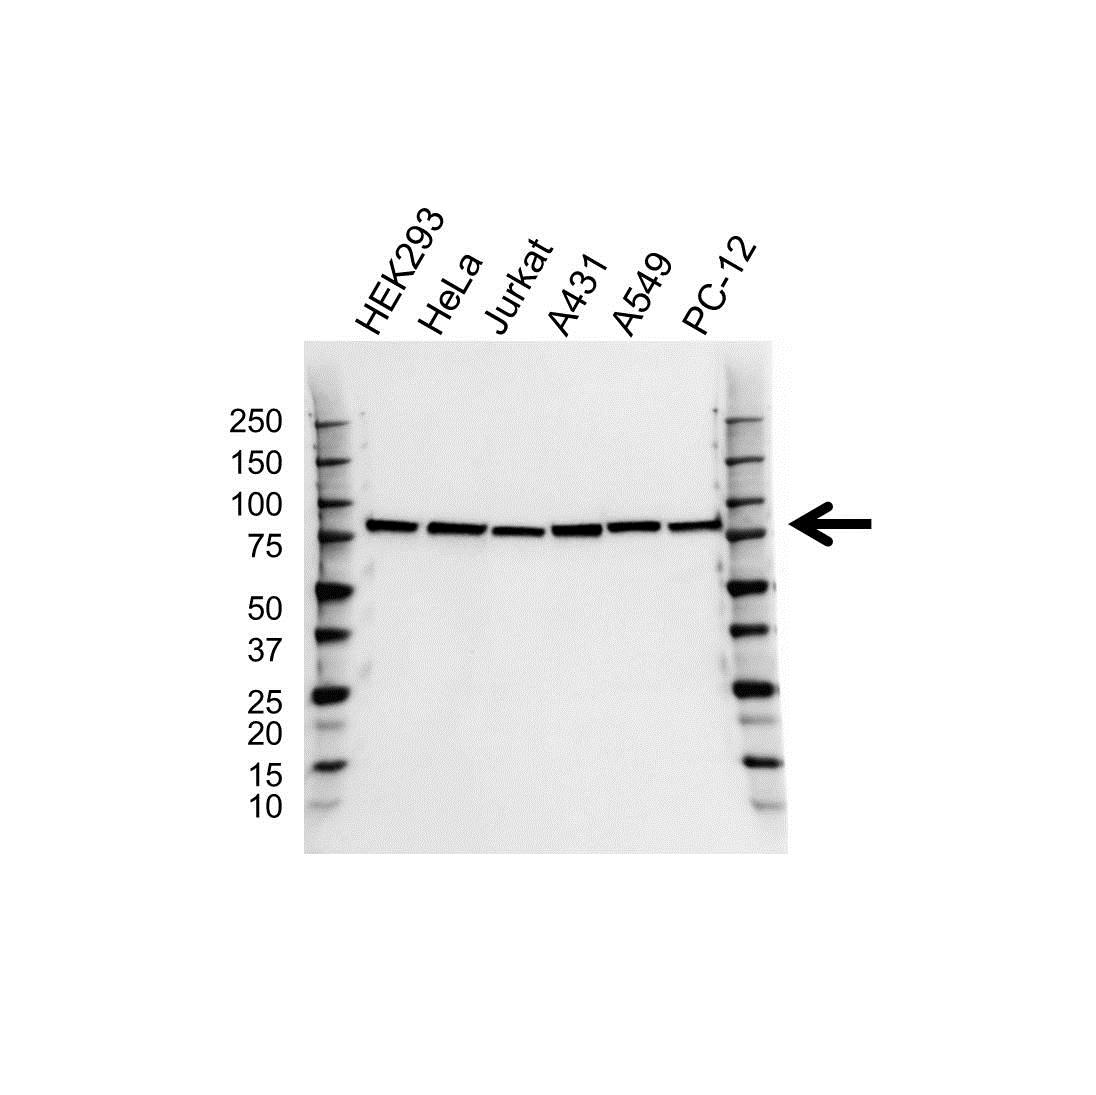 RPS6KA3 Antibody (PrecisionAb<sup>TM</sup> Antibody) gallery image 1